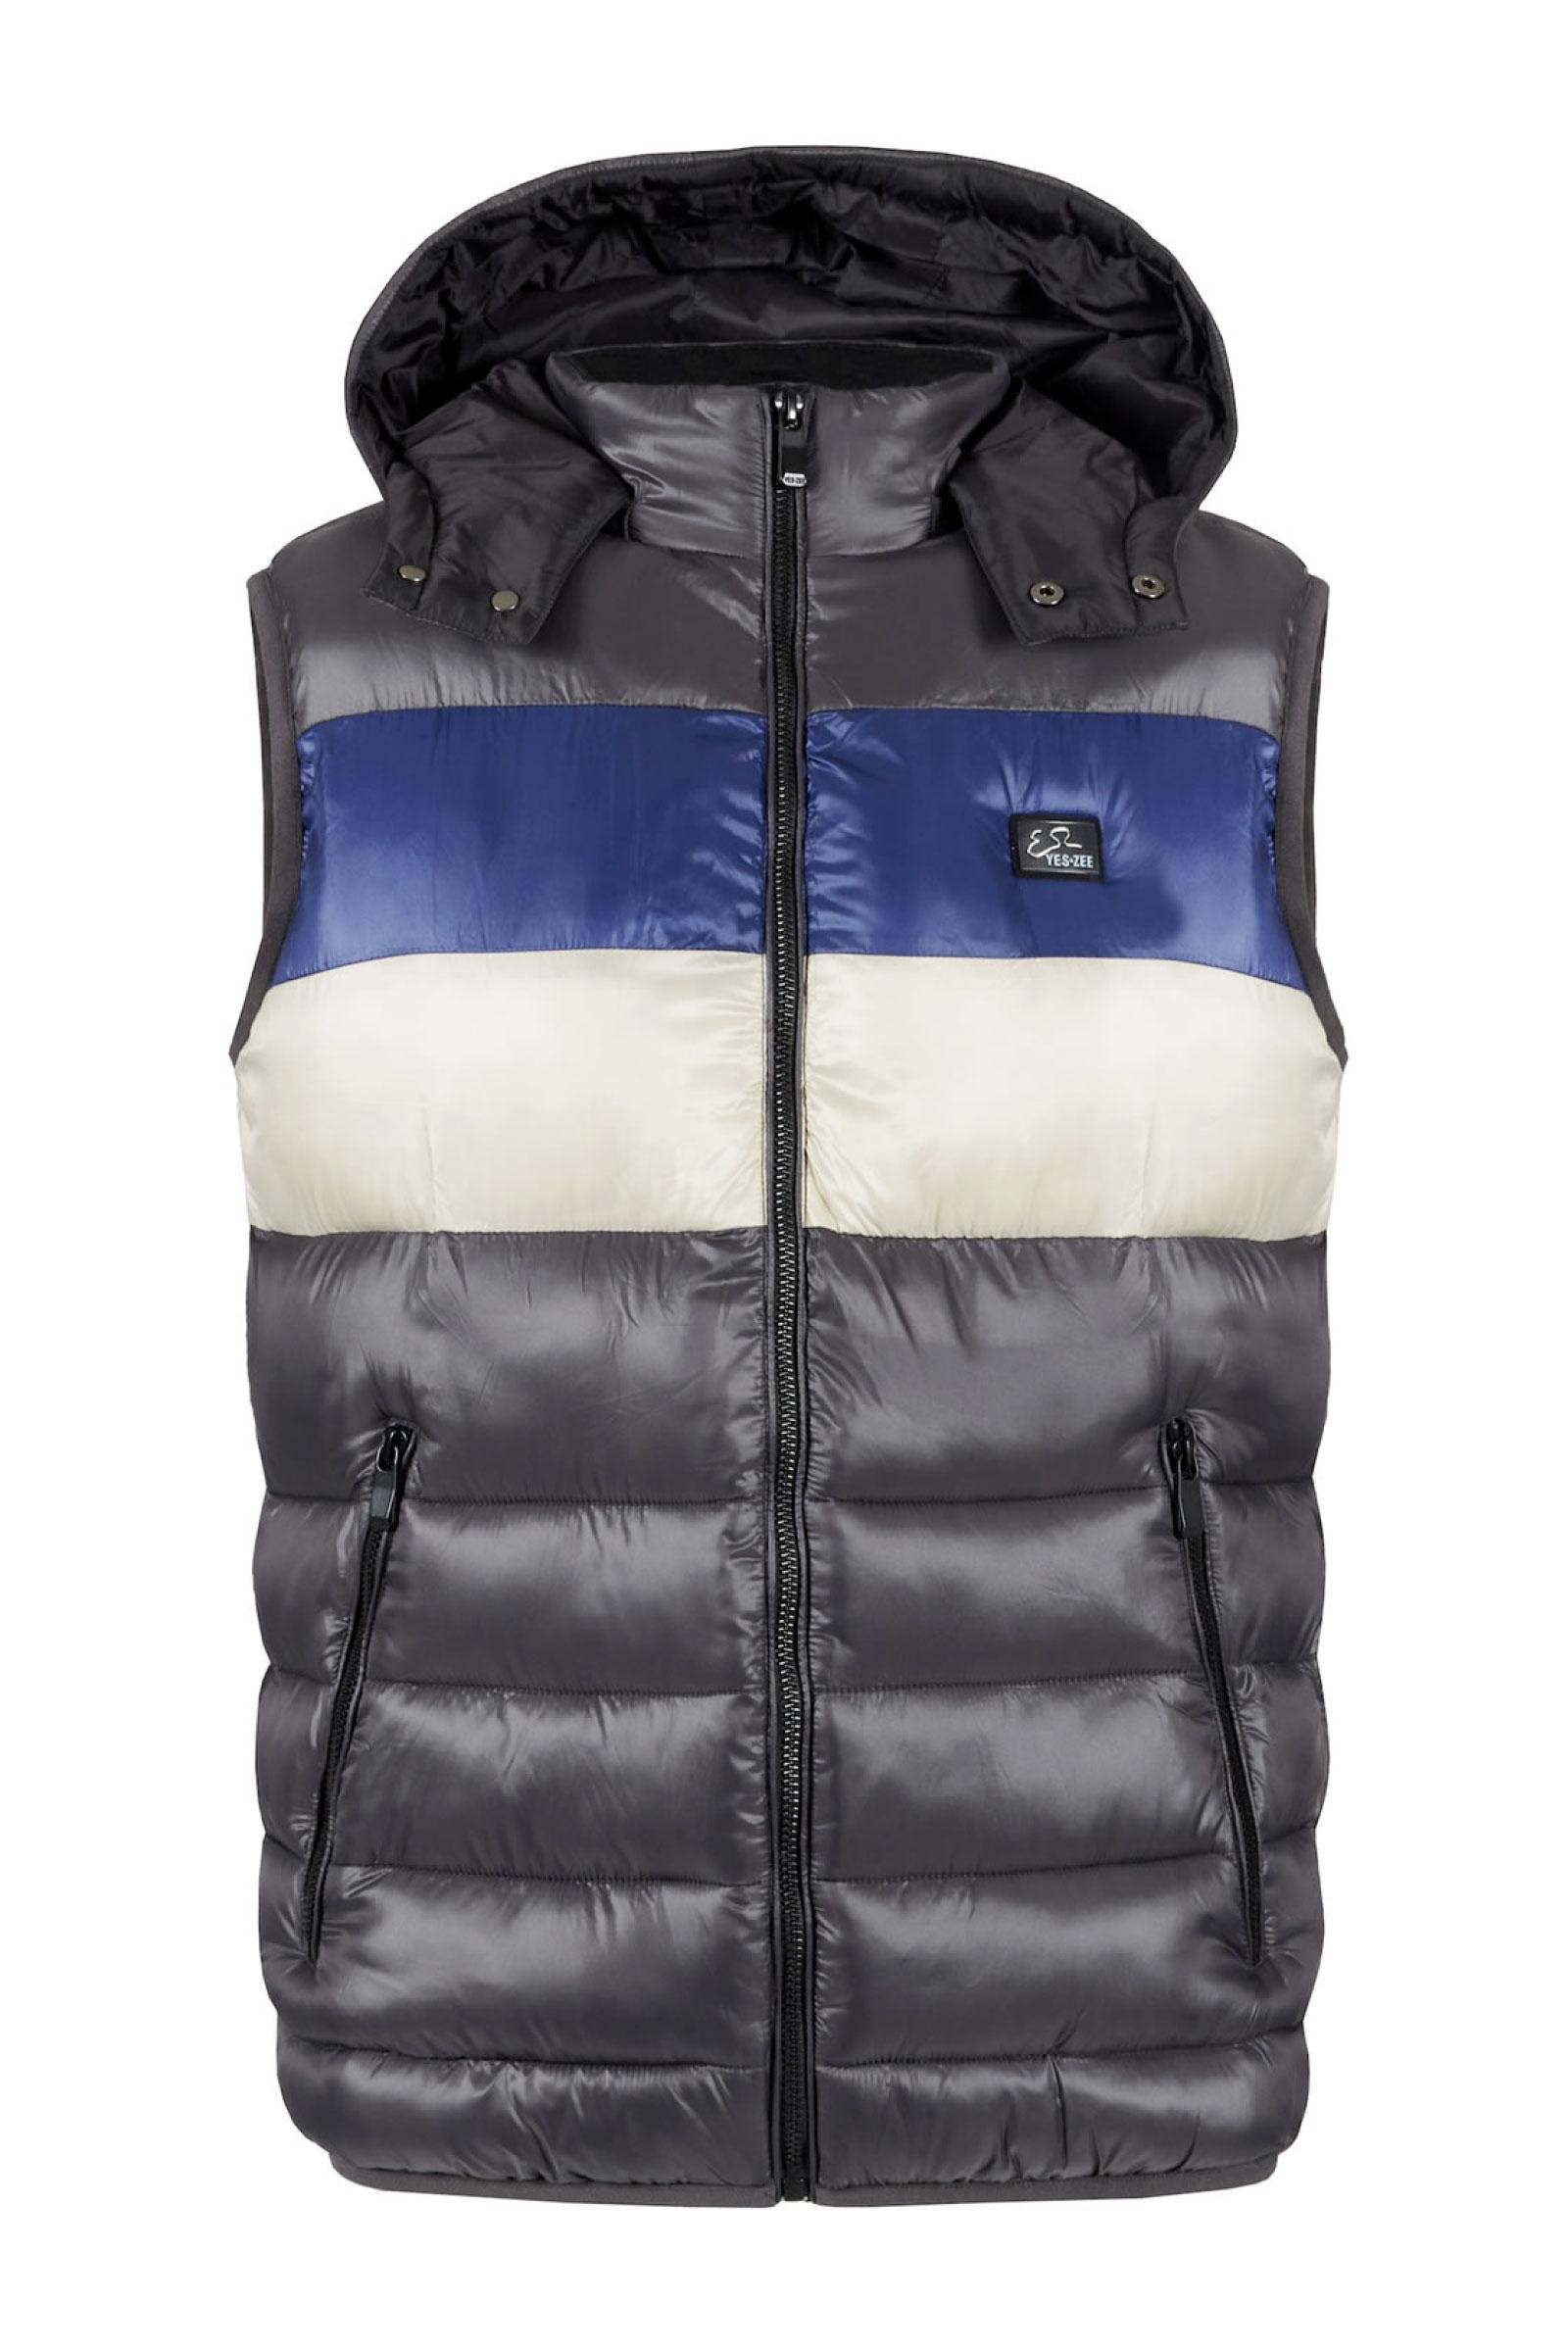 YES ZEE Men's Sleeveless Jacket YES.ZEE | Jacket | J907 Q7002879